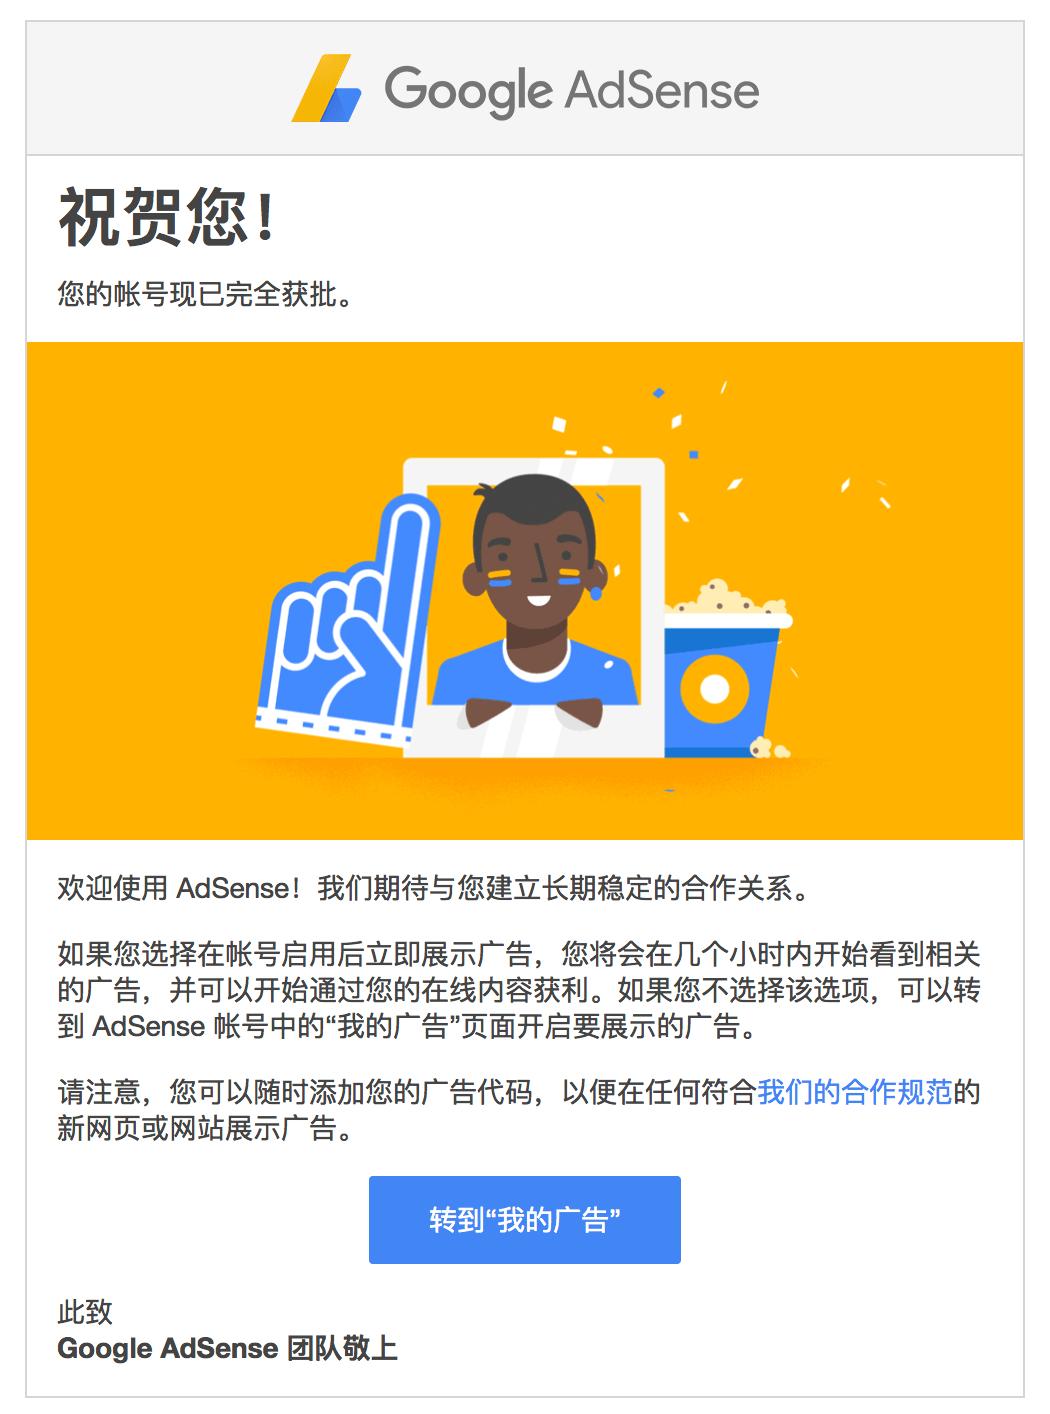 Google AdSense 账号获批审核通过图片